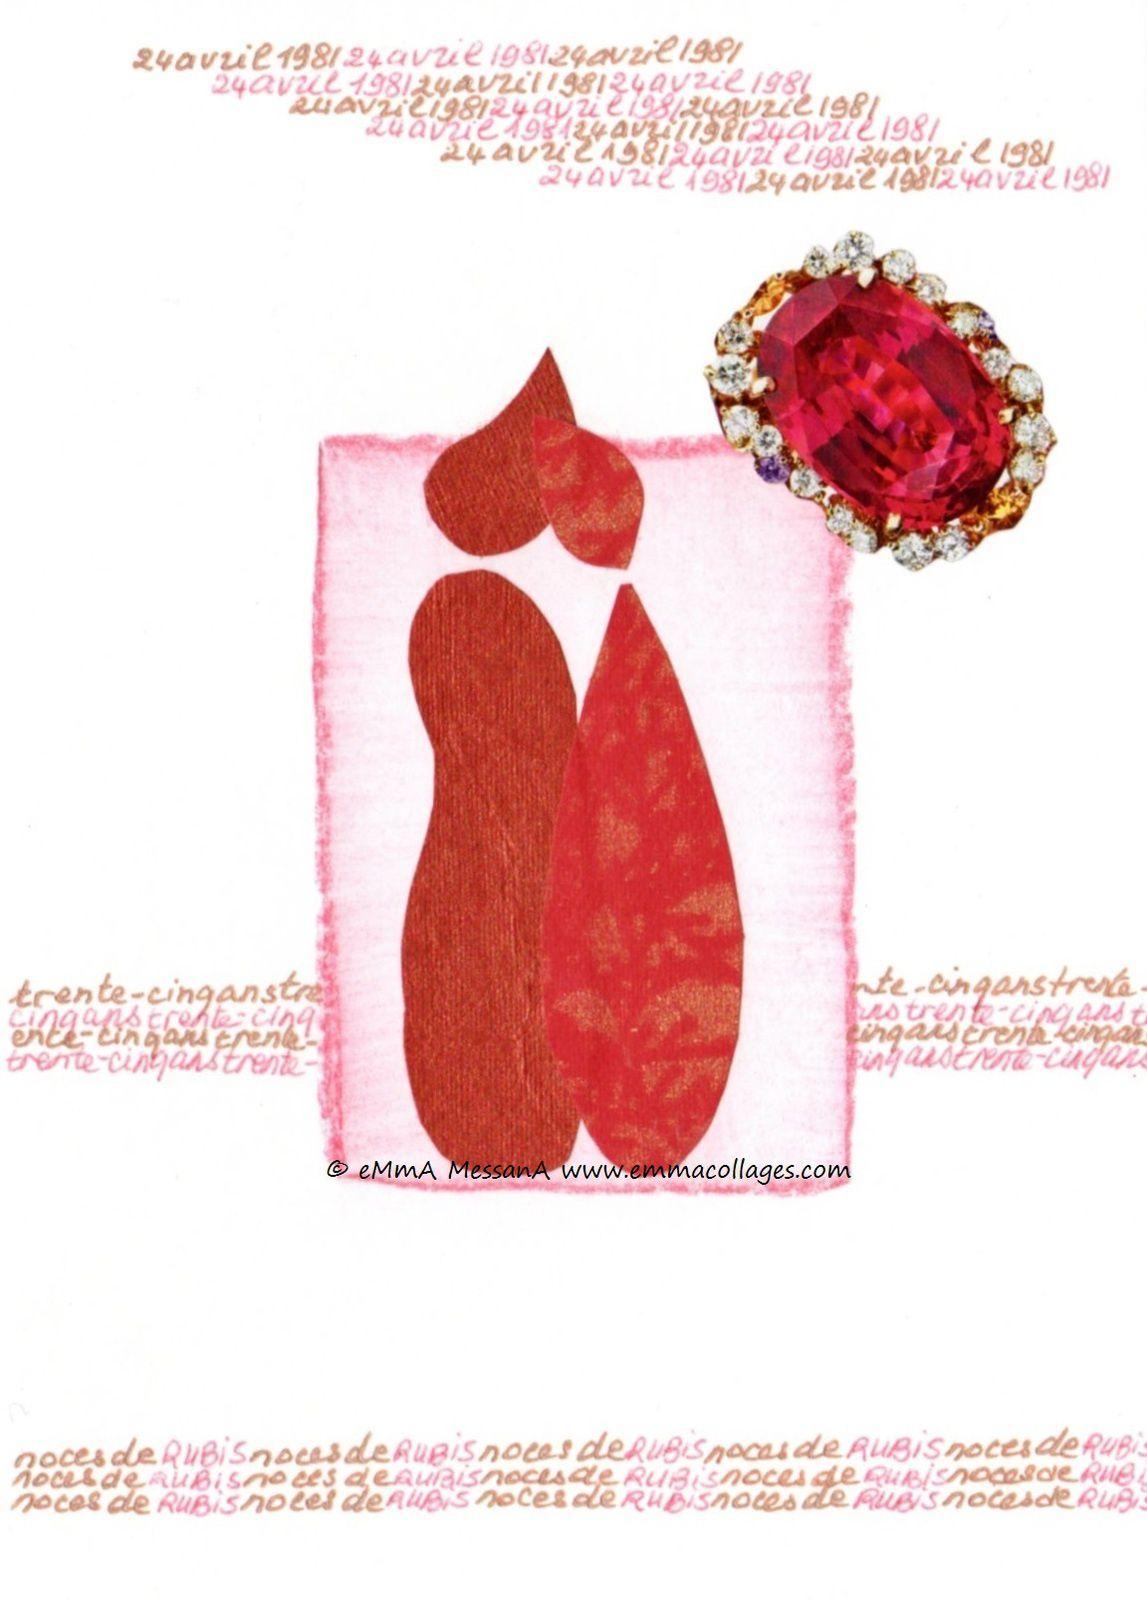 """Les Collages d'eMmA MessanA, collage """"Noces de rubis"""", pièce unique"""